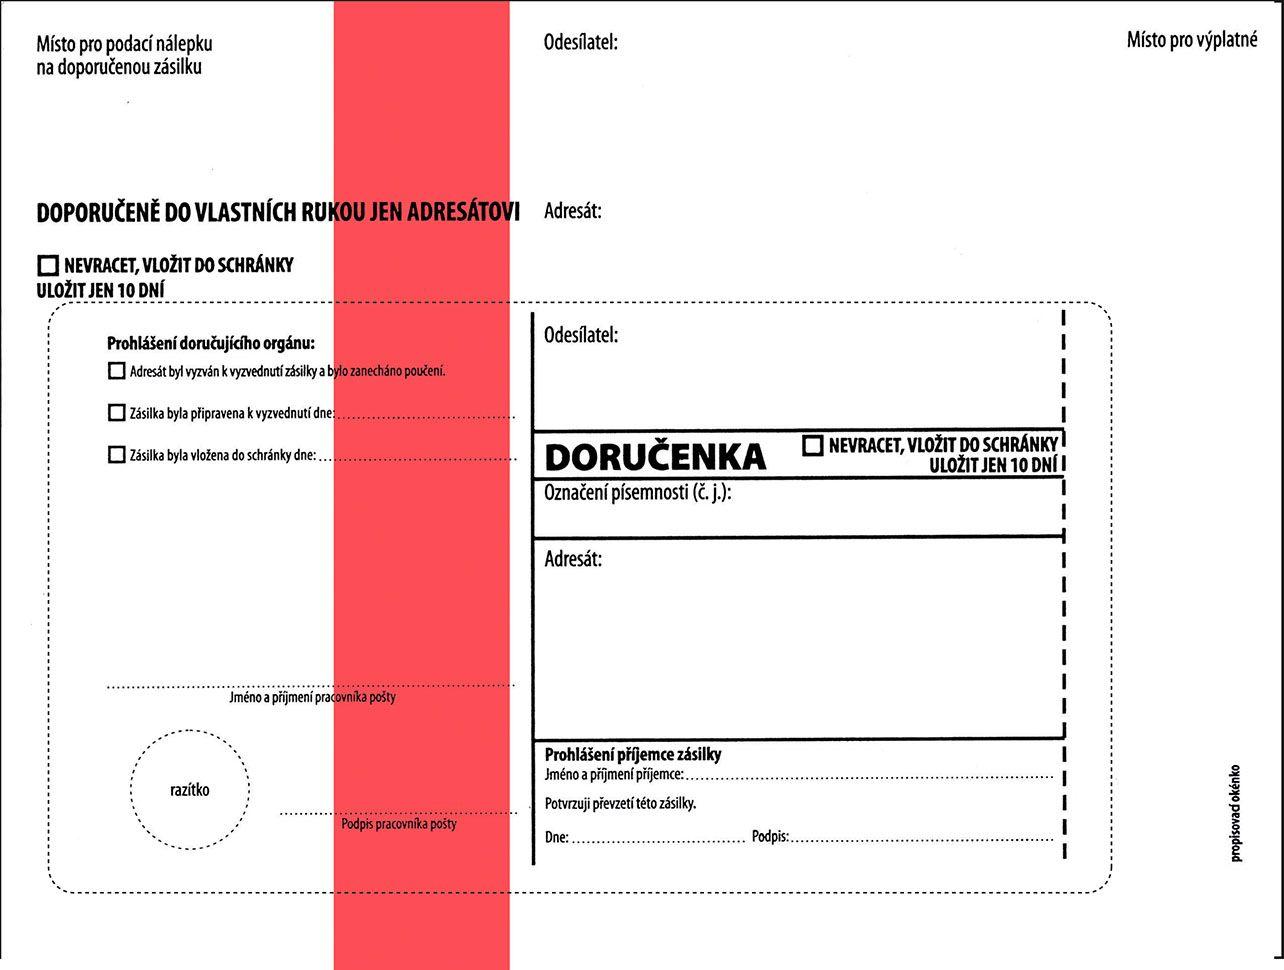 Obálky C5 s doručenkou, vytrhovací okénko - s červeným pruhem / 1000 ks